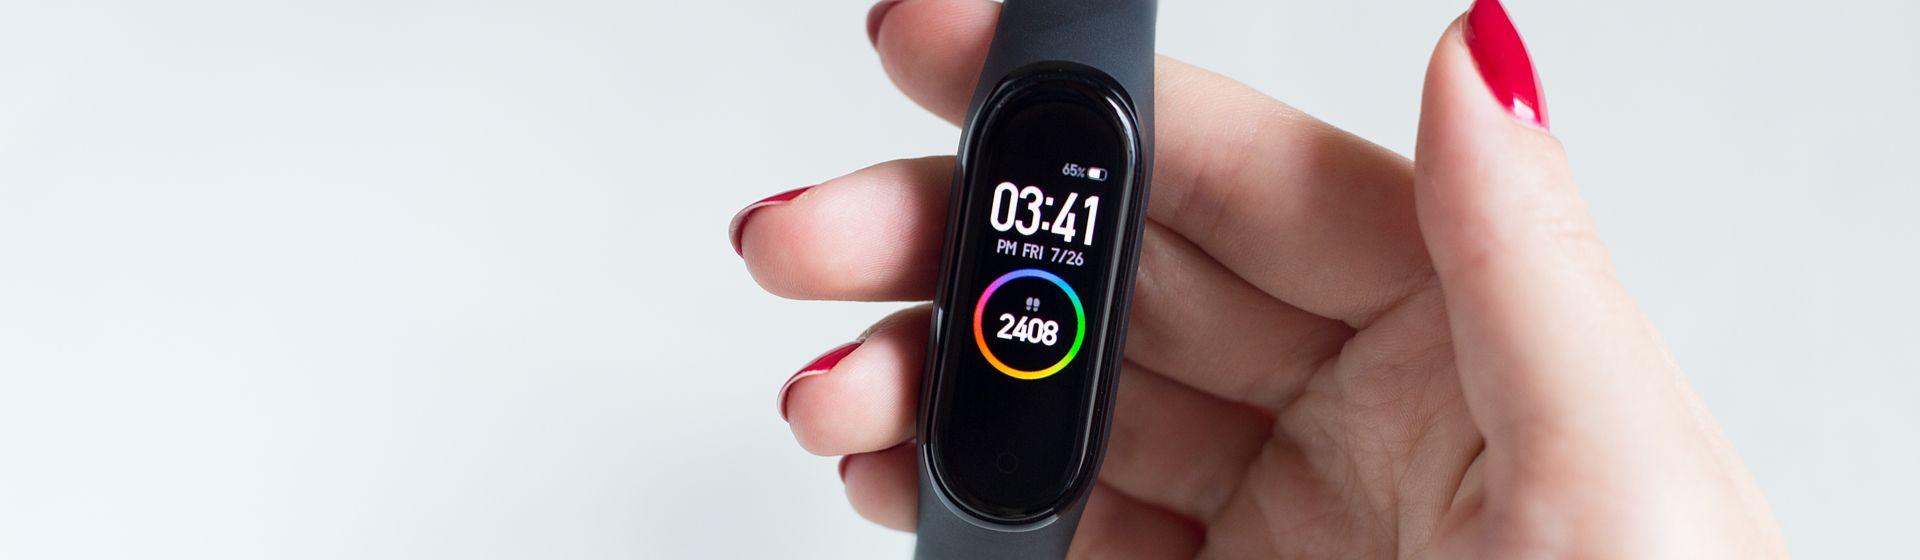 Dia dos Namorados 2020: 5 eletrônicos por até R$ 250 para dar de presente